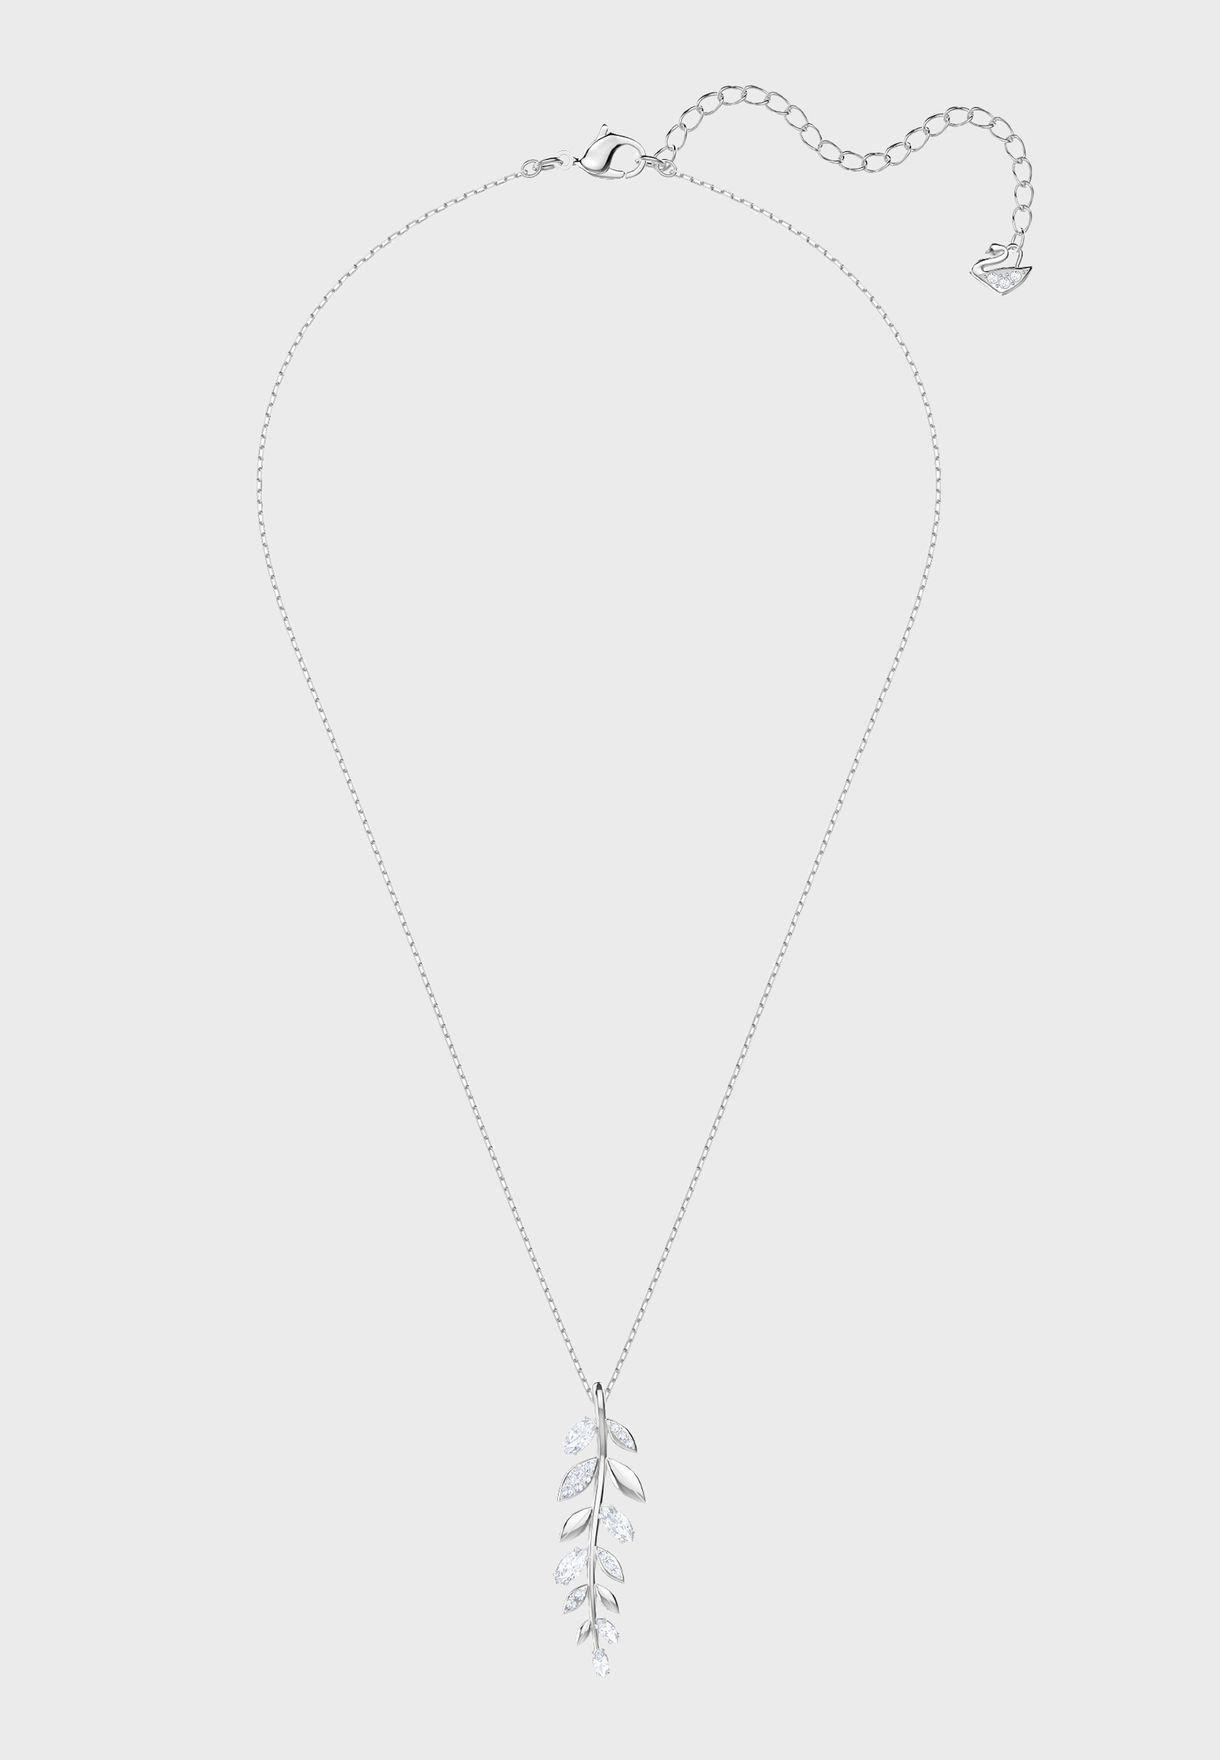 Mayfly Pendant Necklace